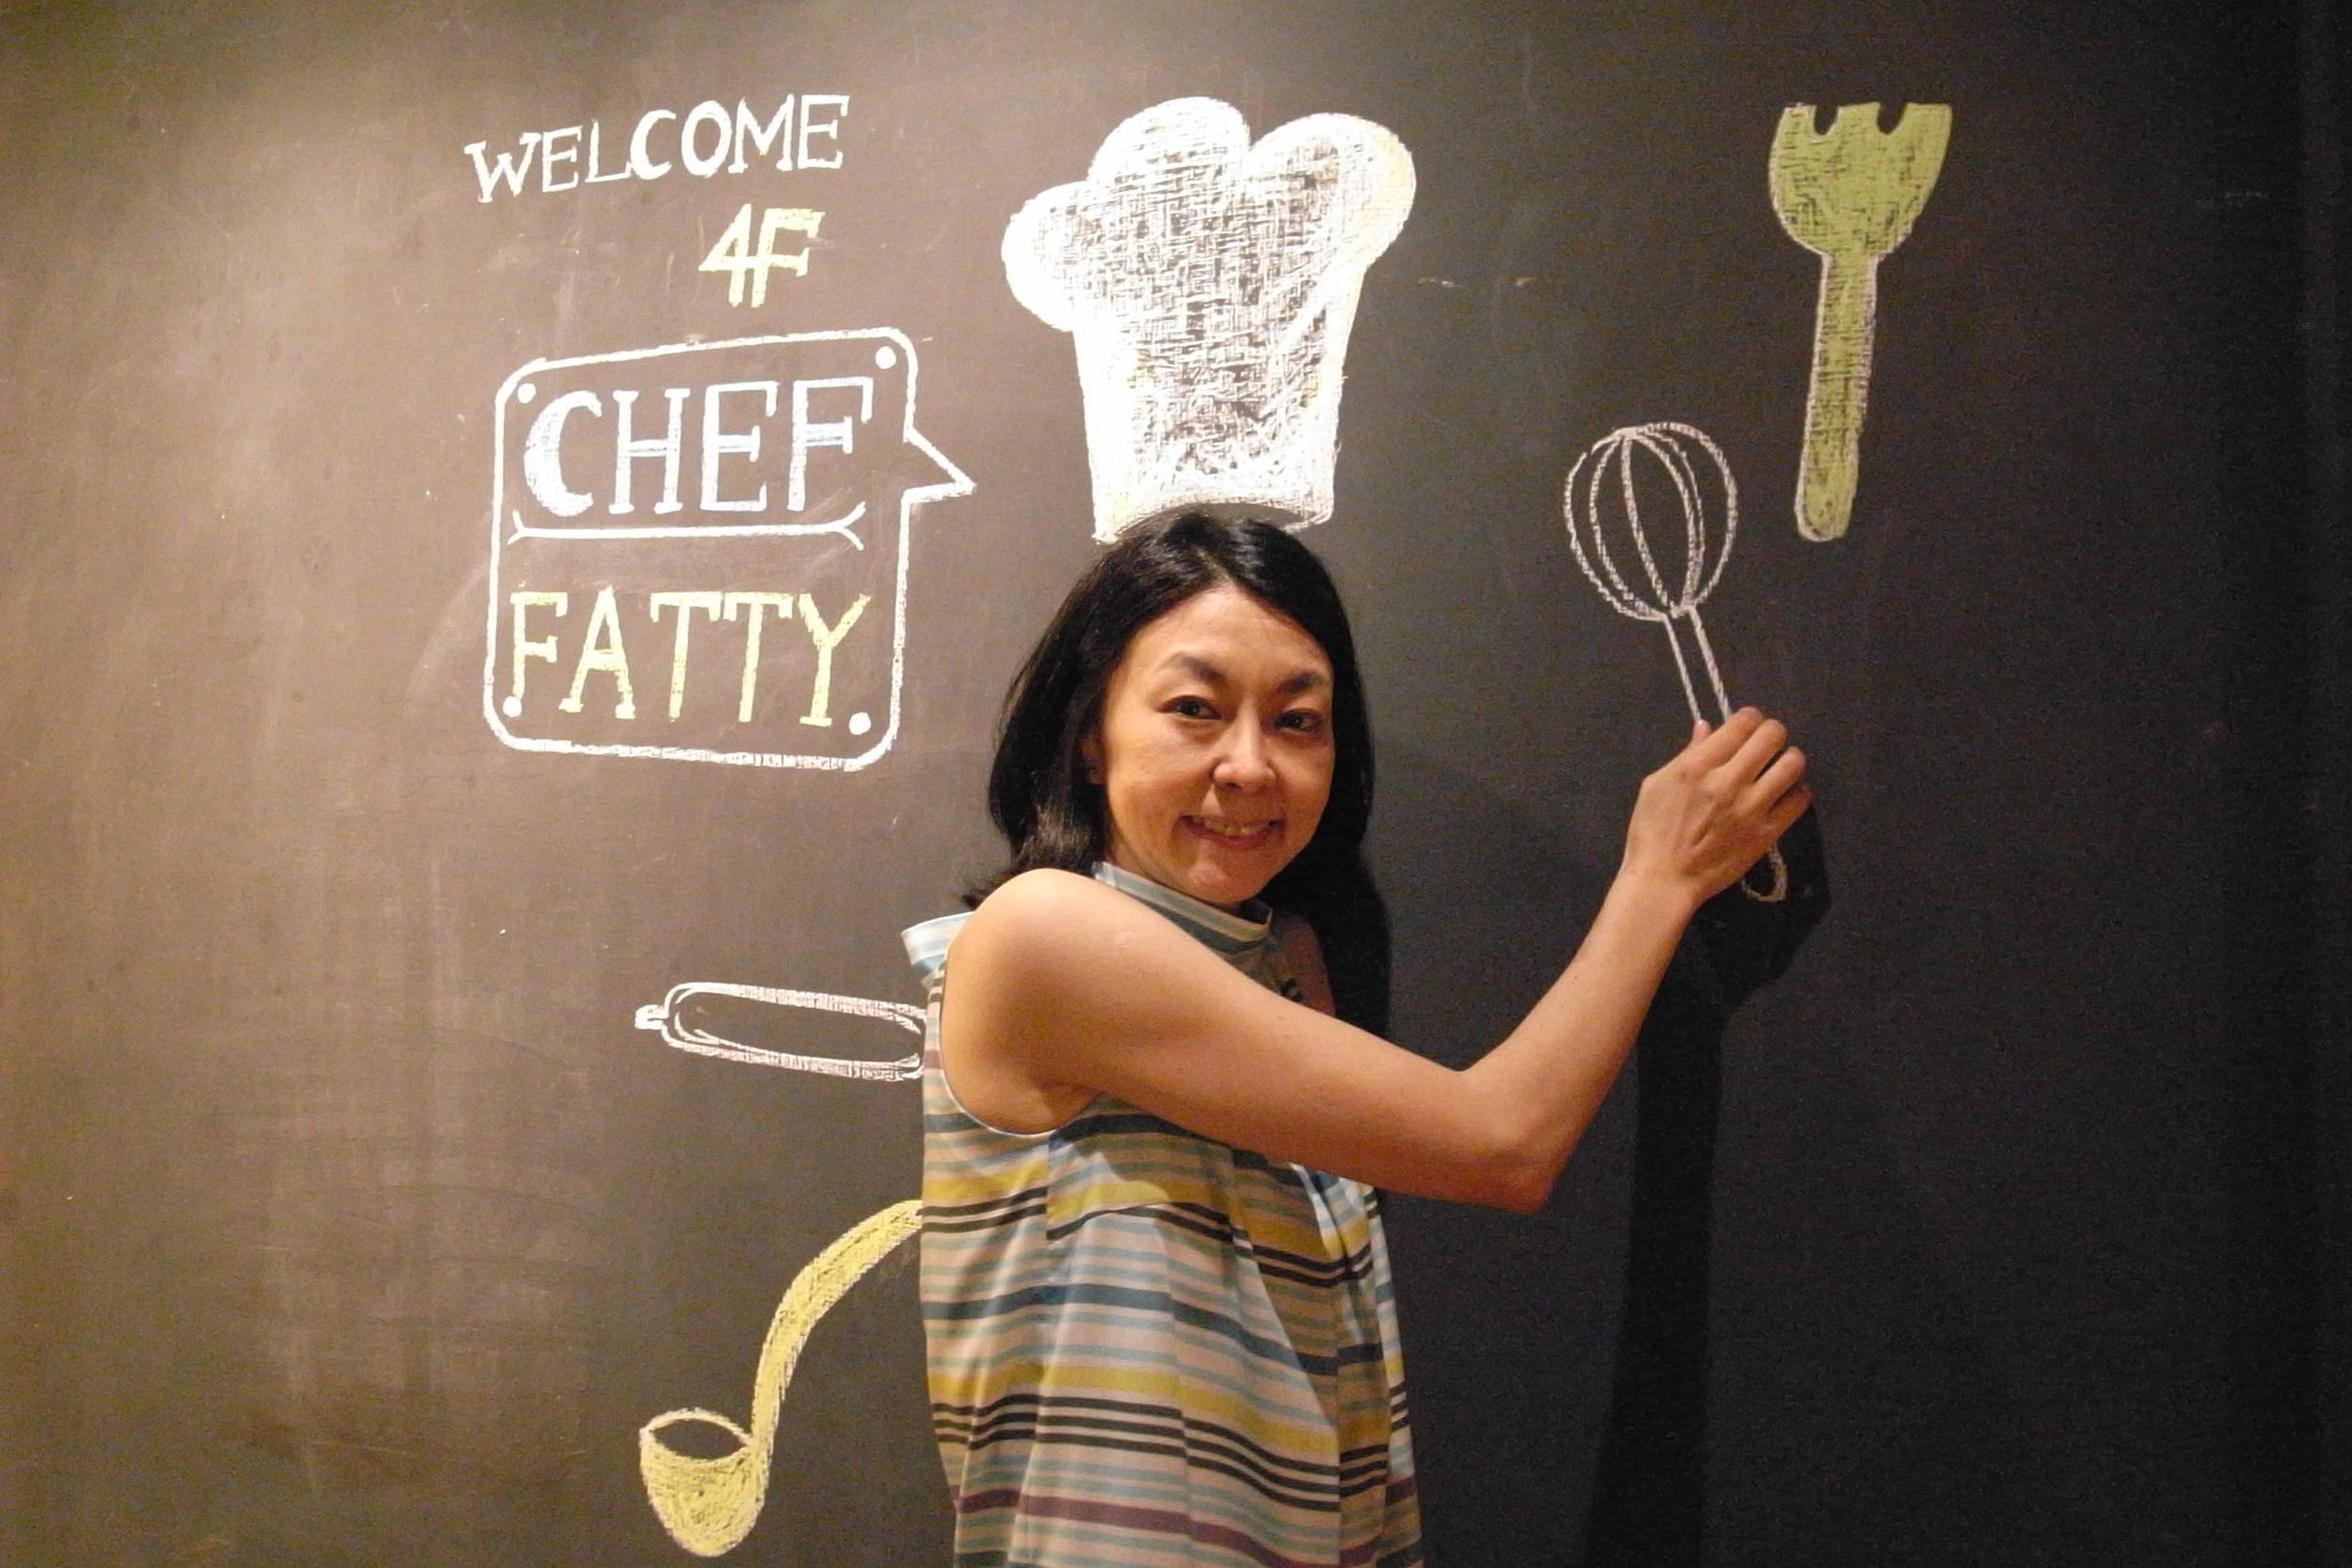 超瘦的 「Chef Fatty」,來自日本的氣質美女